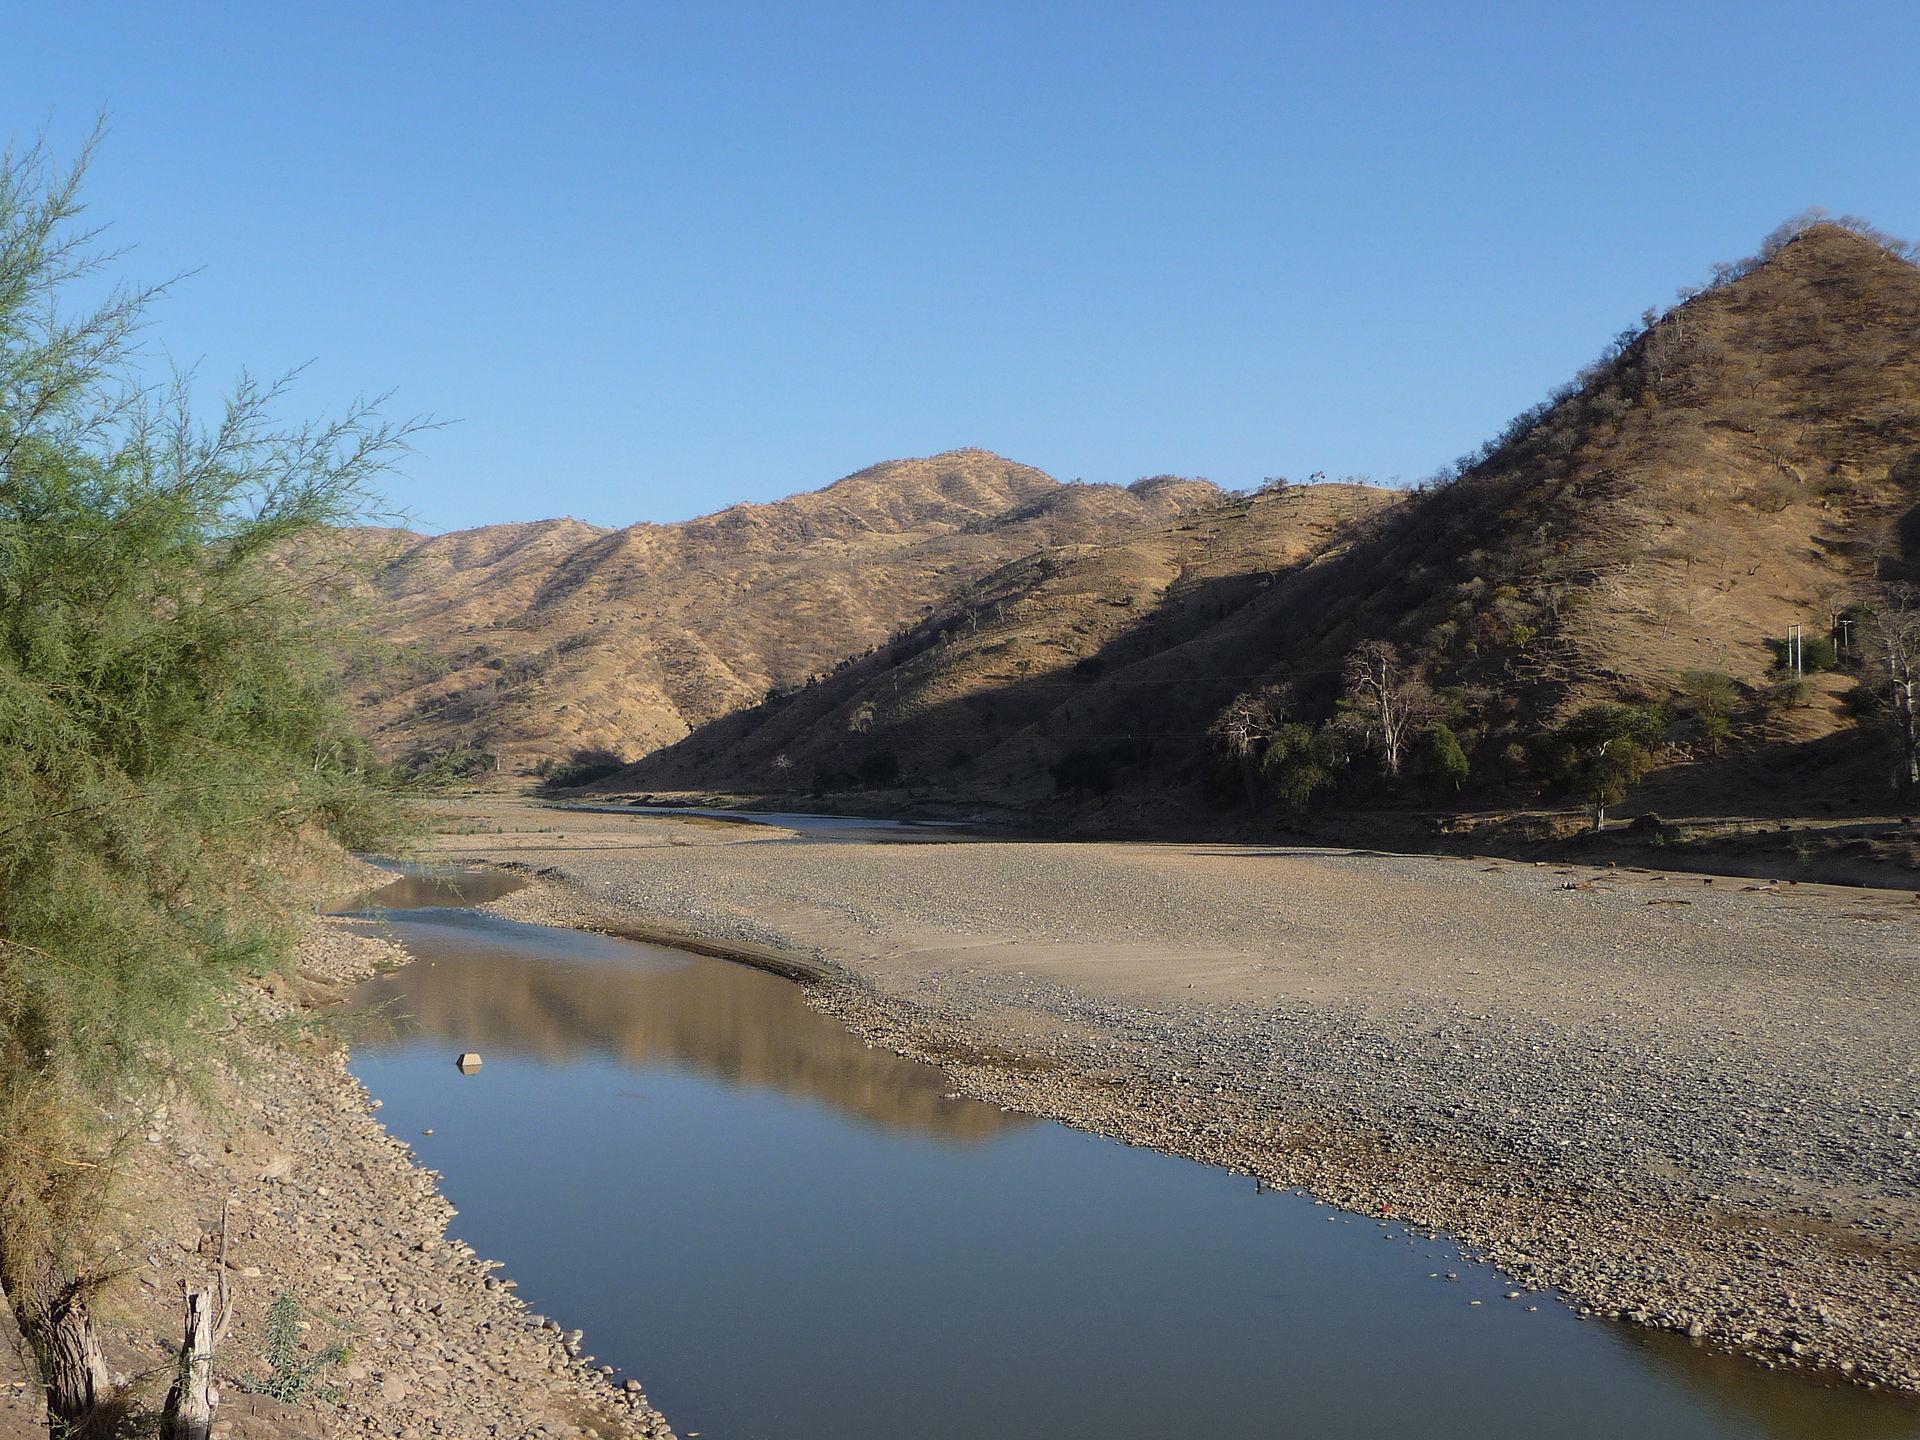 Etiopijoje tekanti upė